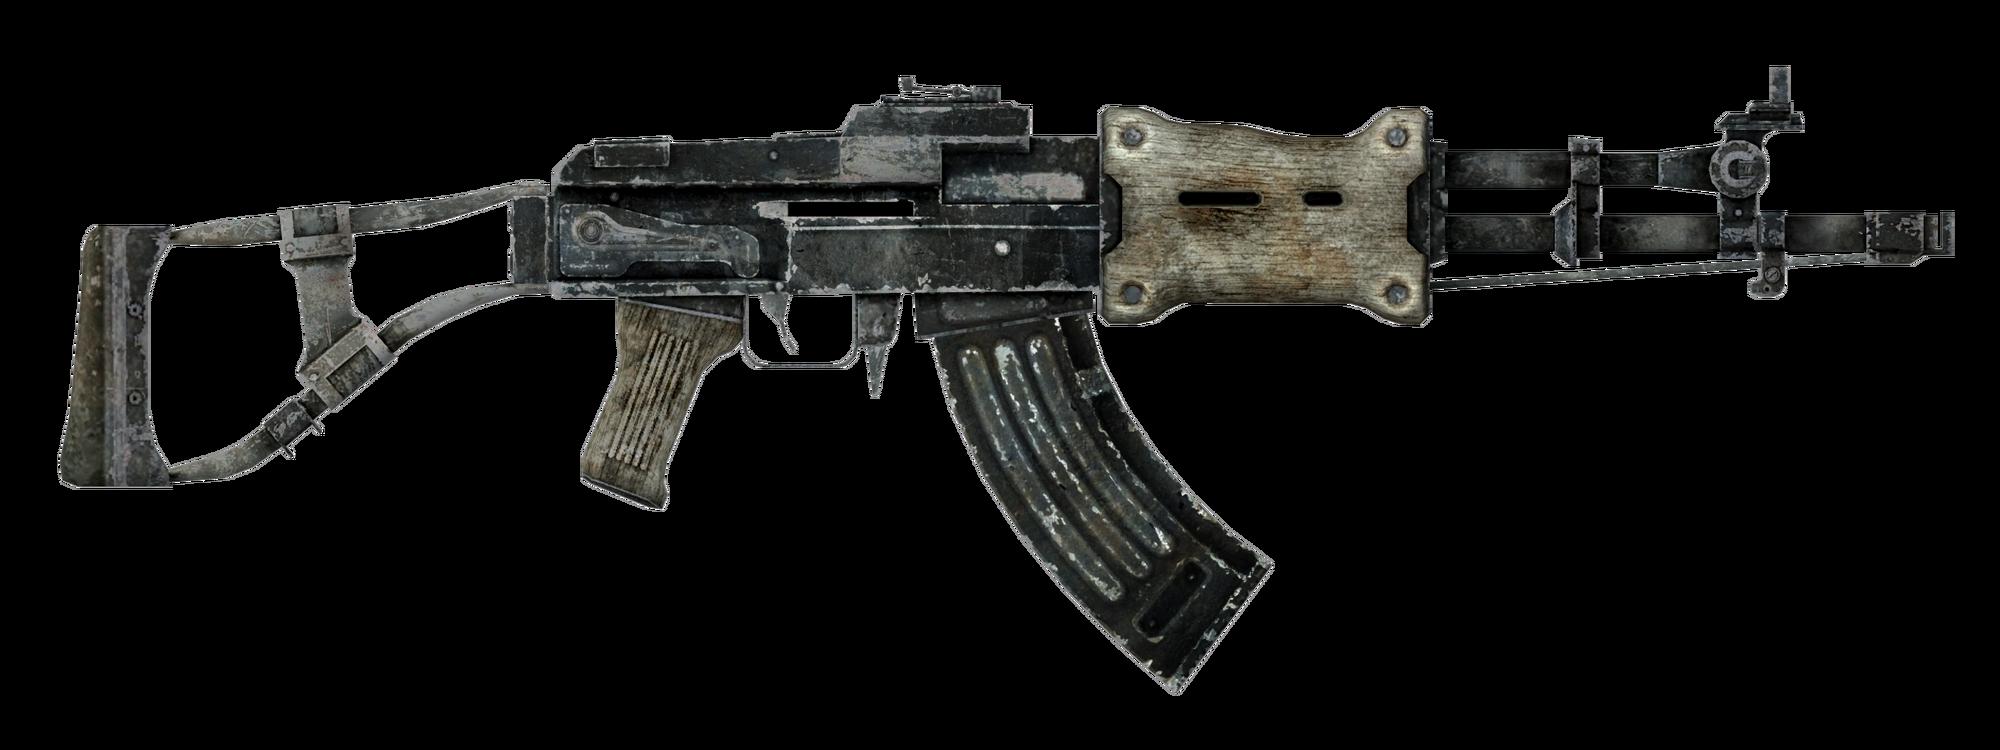 Chinese assault rifle (Fallout 3) | Fallout Wiki | FANDOM